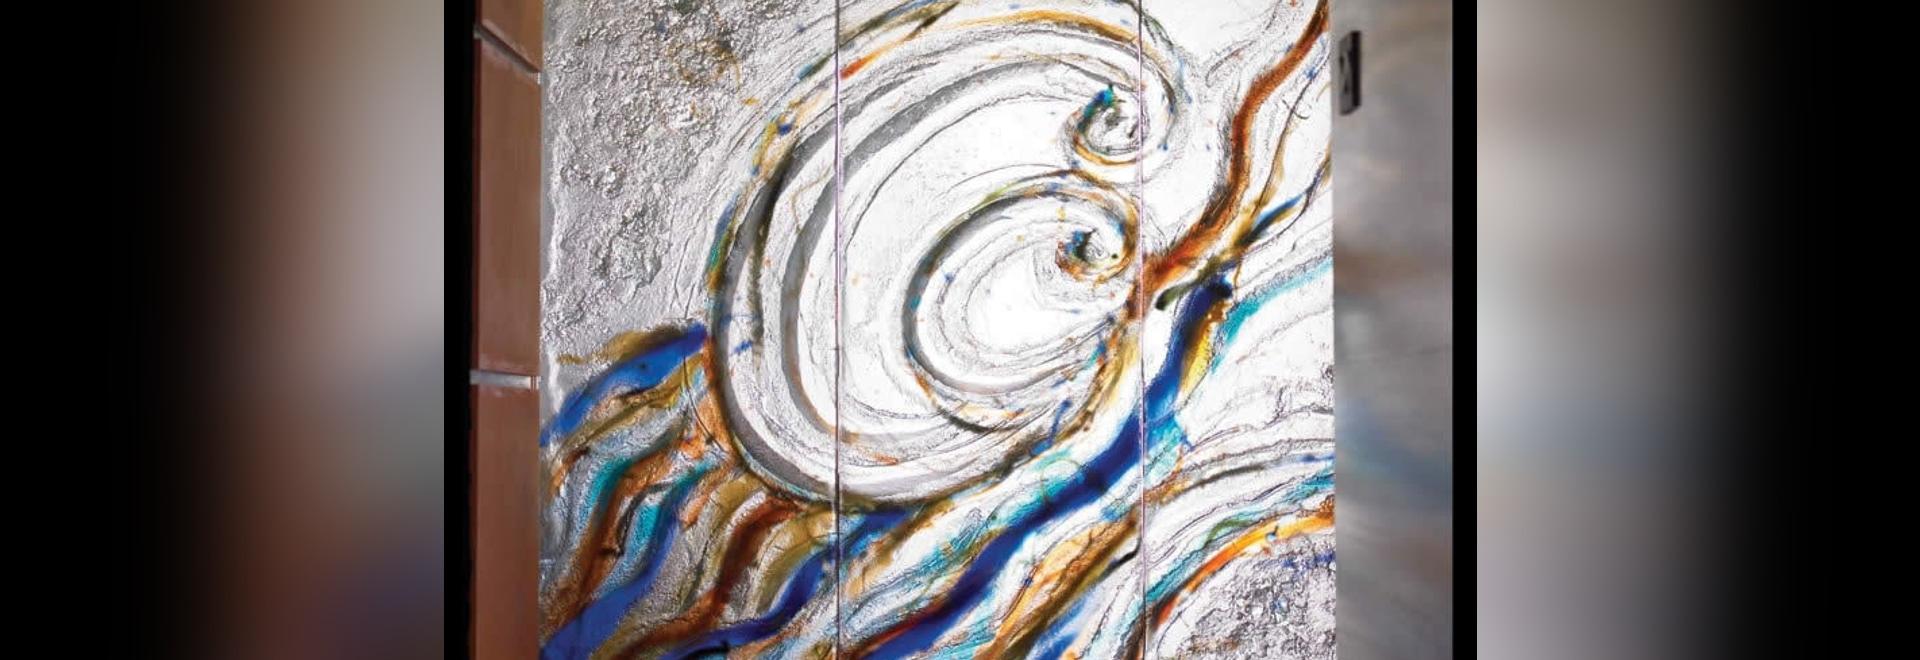 Panneau de verre artistique ThinkGlass